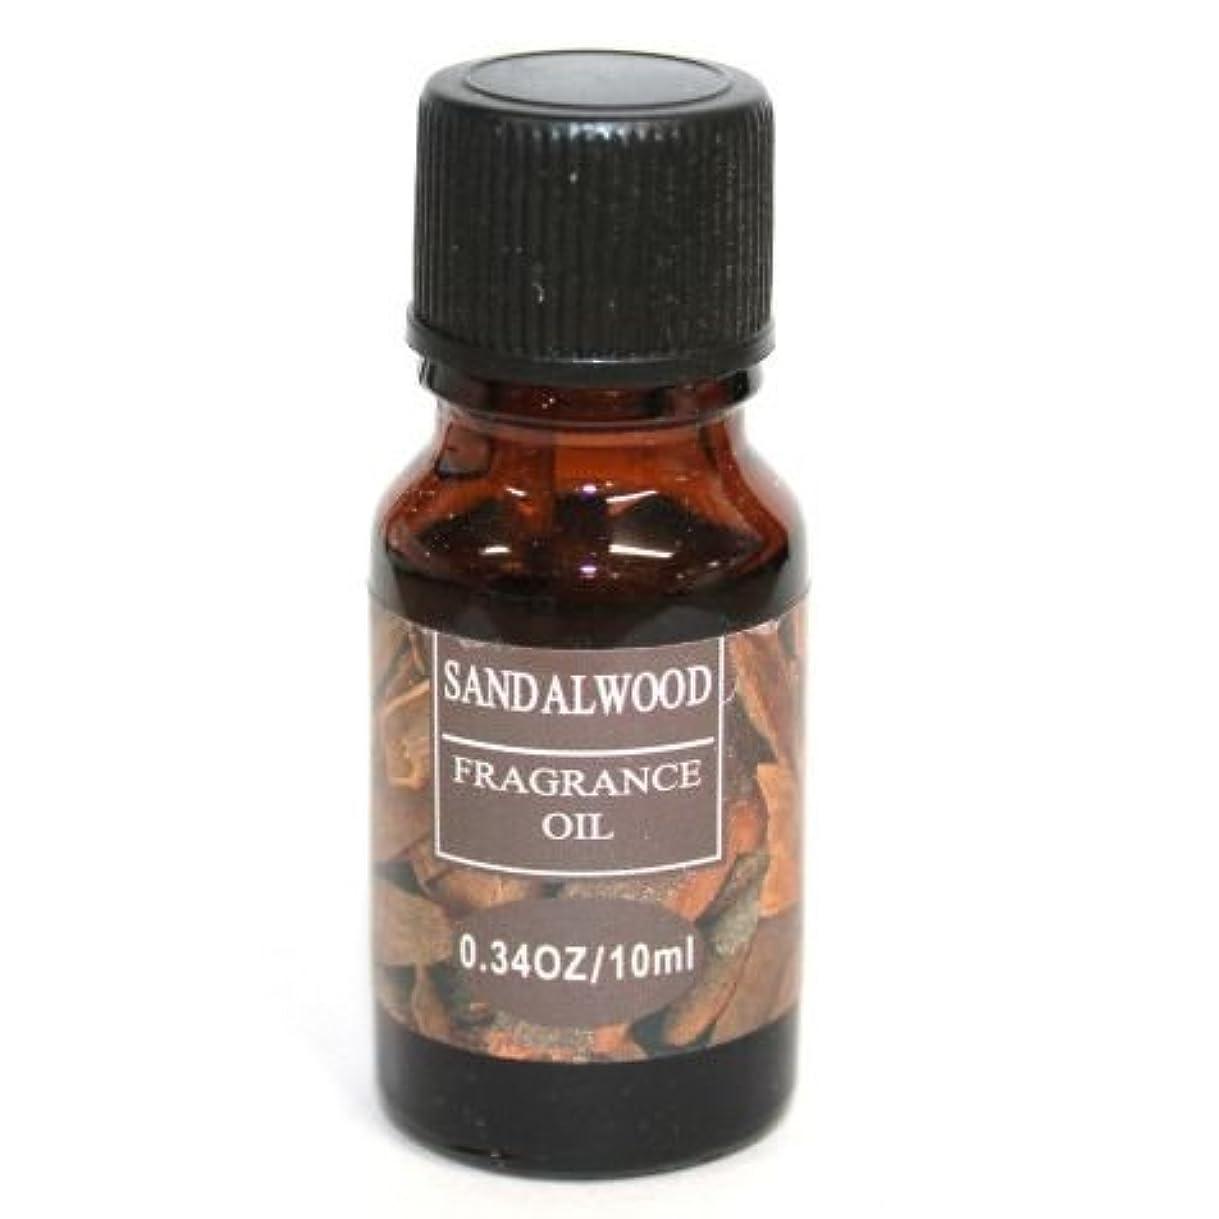 証人オーバーヘッド意図RELAXING アロマオイル フレグランスオイル サンダルウッドの香り ビャクダン (白檀) RQ-03